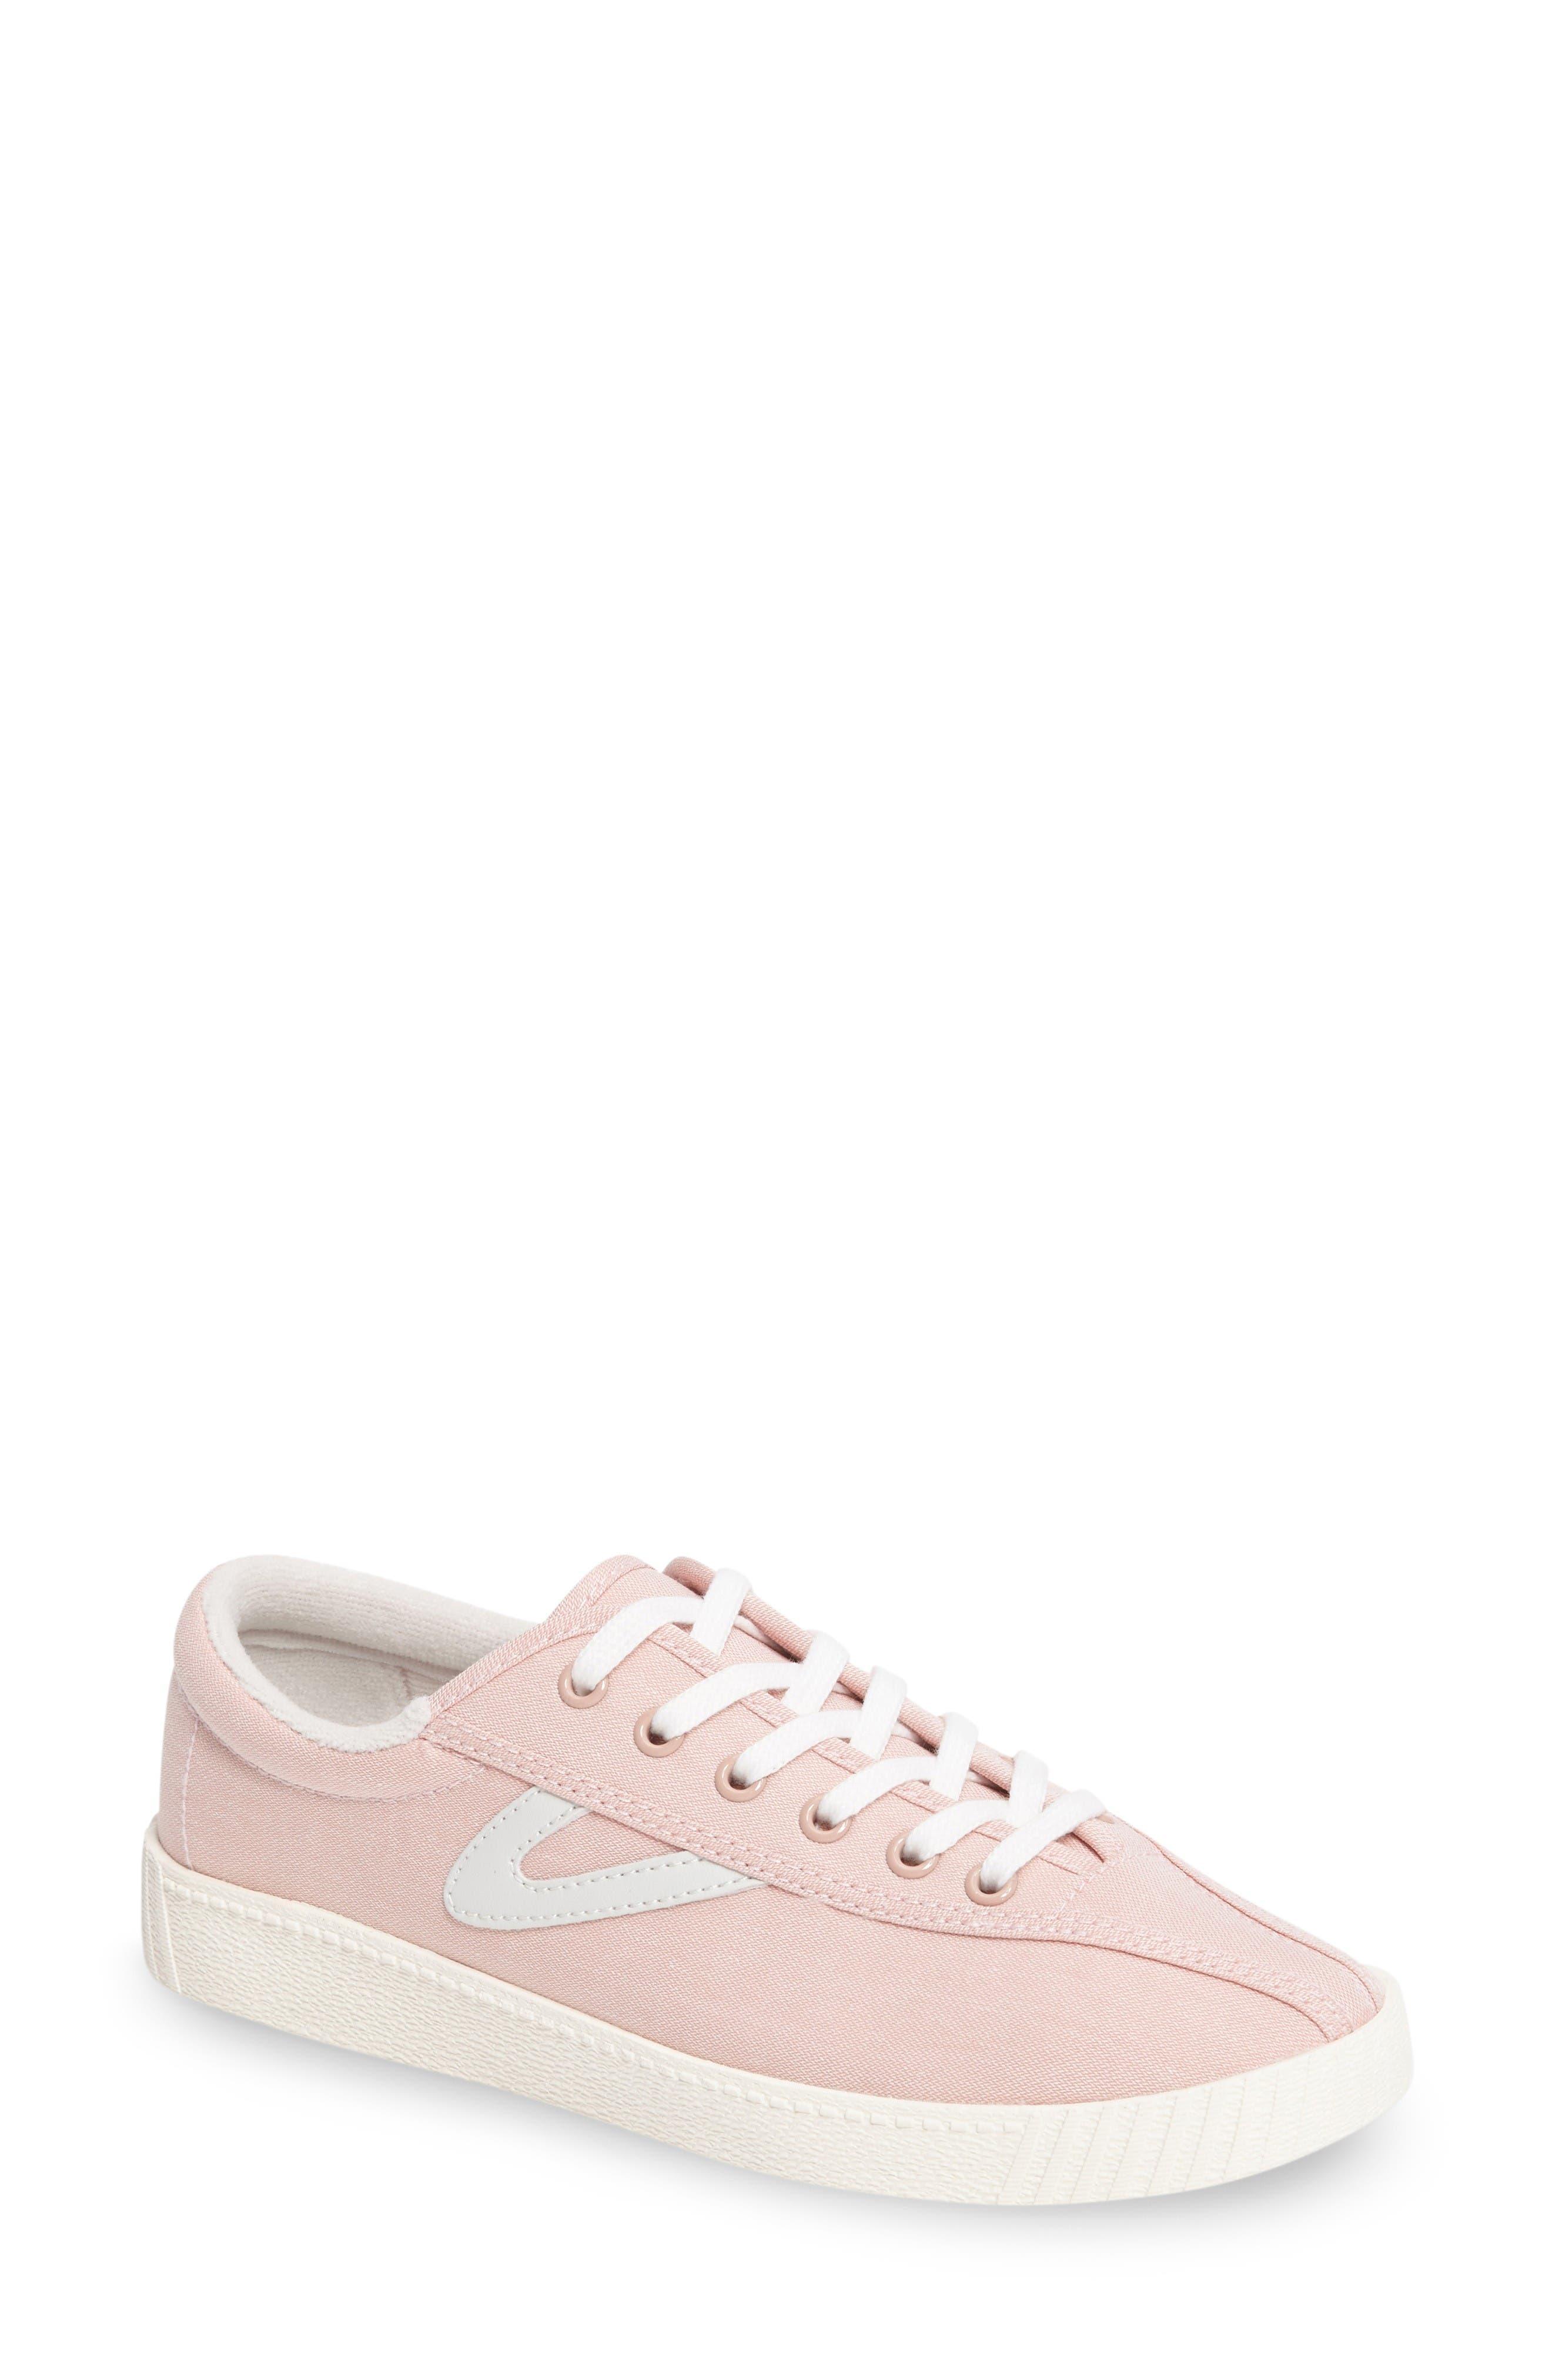 Alternate Image 1 Selected - Tretorn 'Nylite' Sneaker (Women)